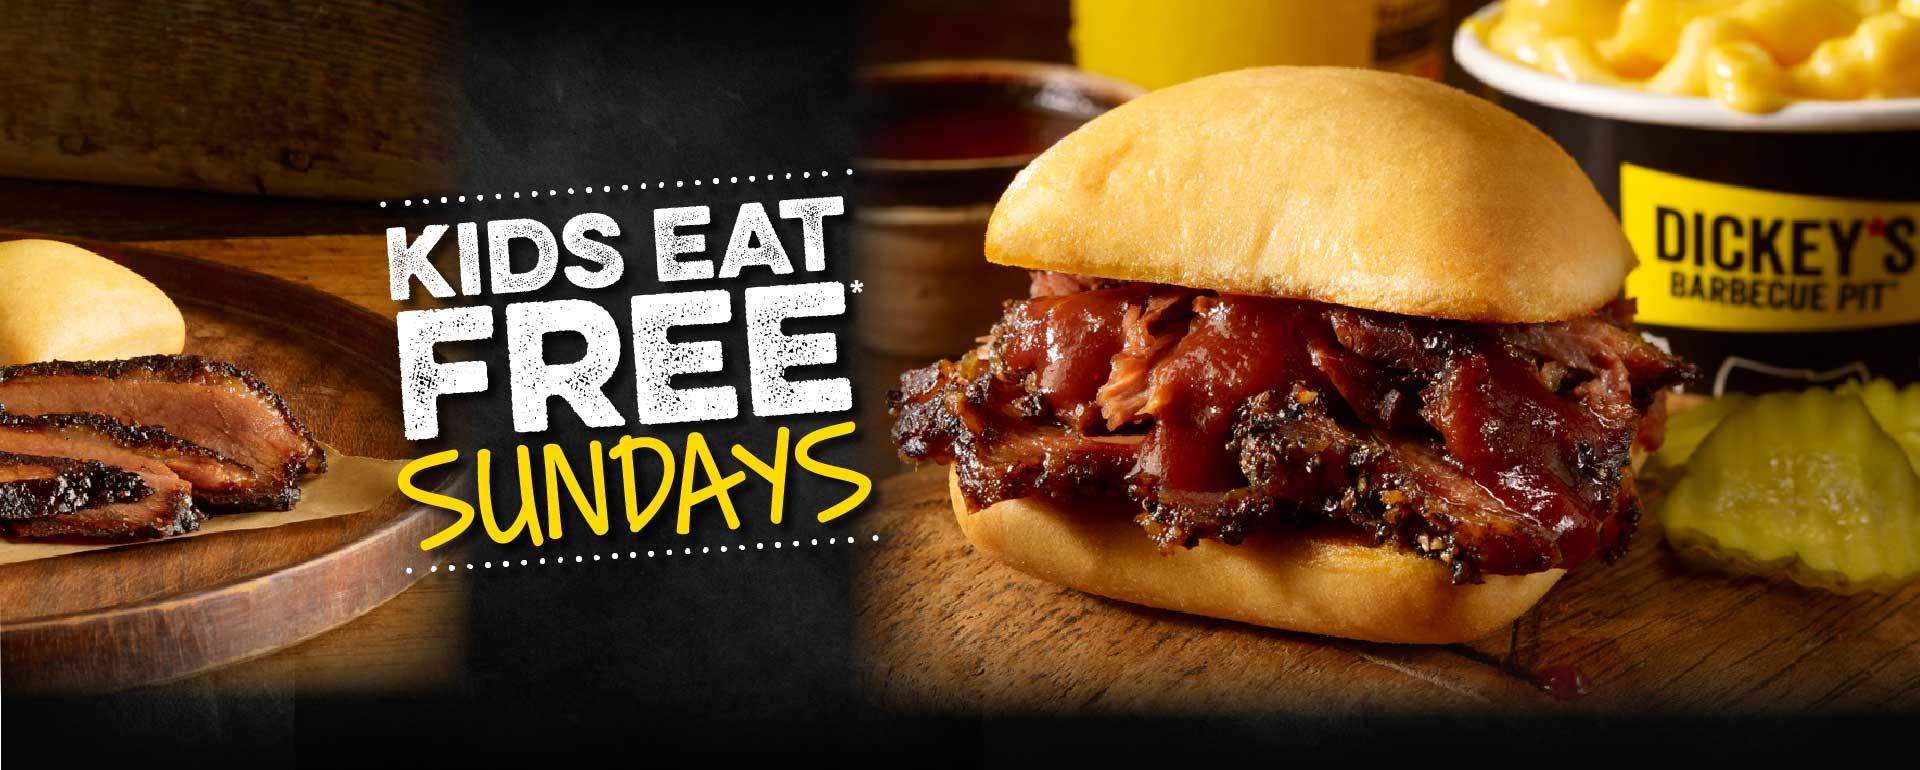 Kids Eat Free Sunday